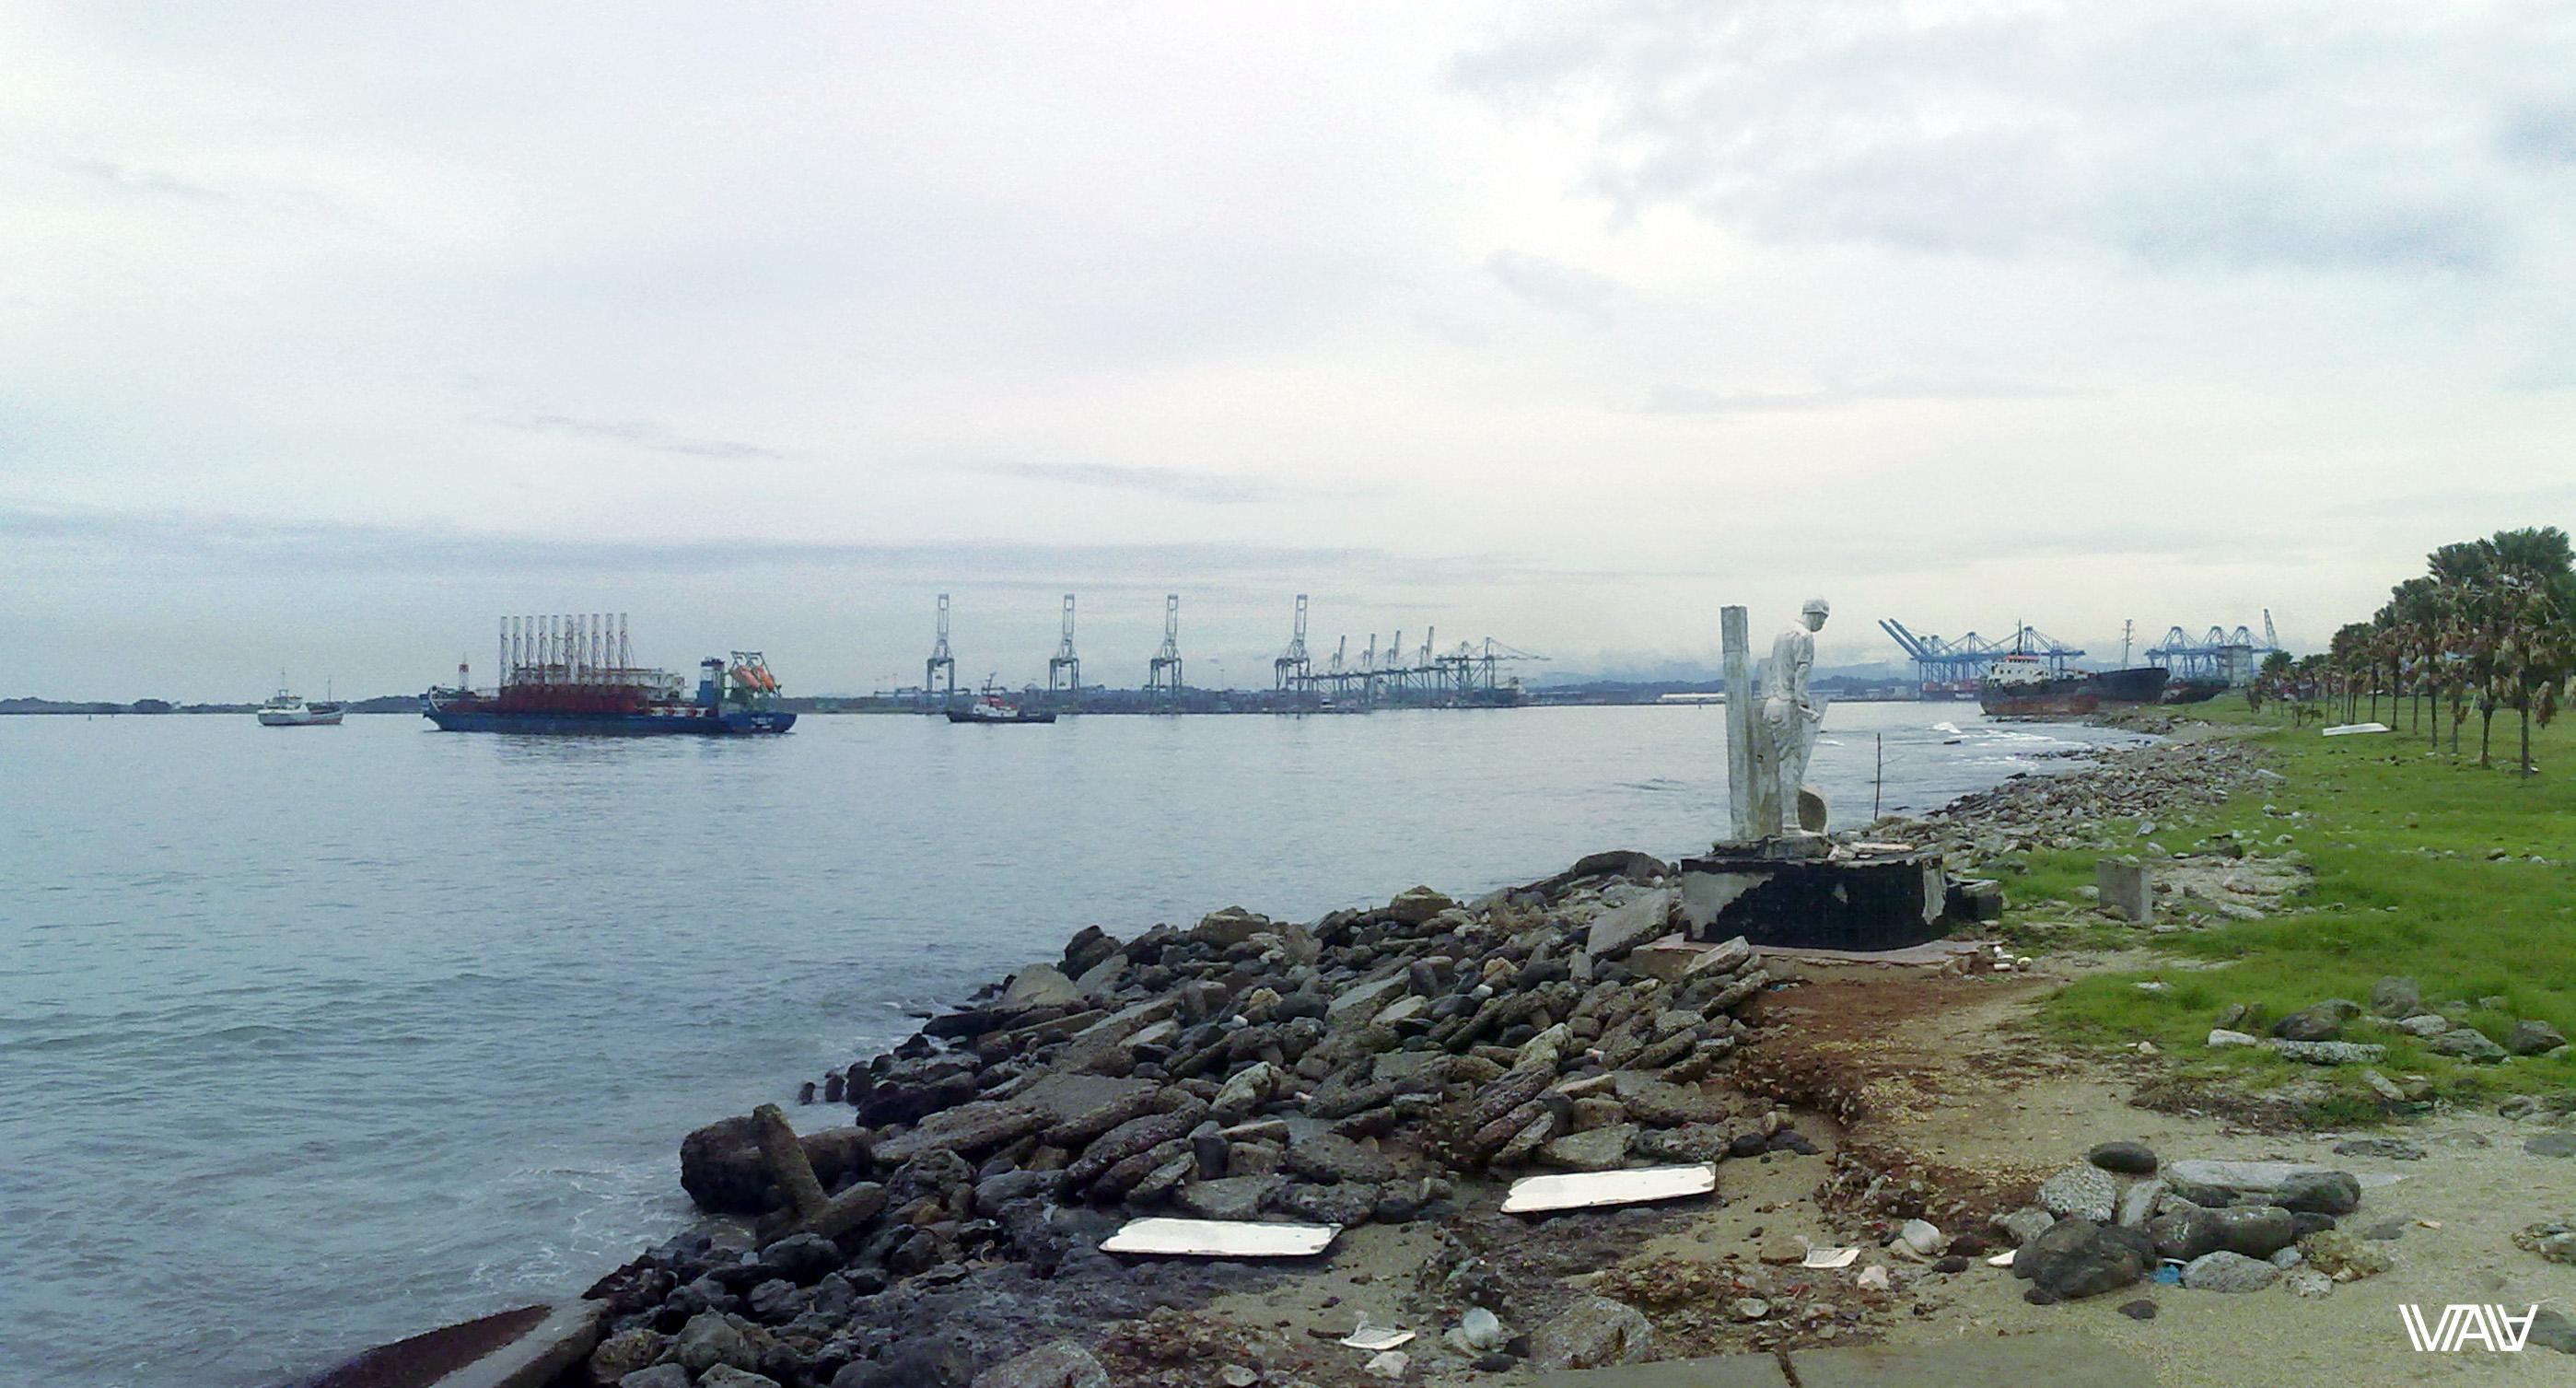 Побережье Колона с невероятным для меня количеством кораблей. И памятник морякам. Колон, Панама